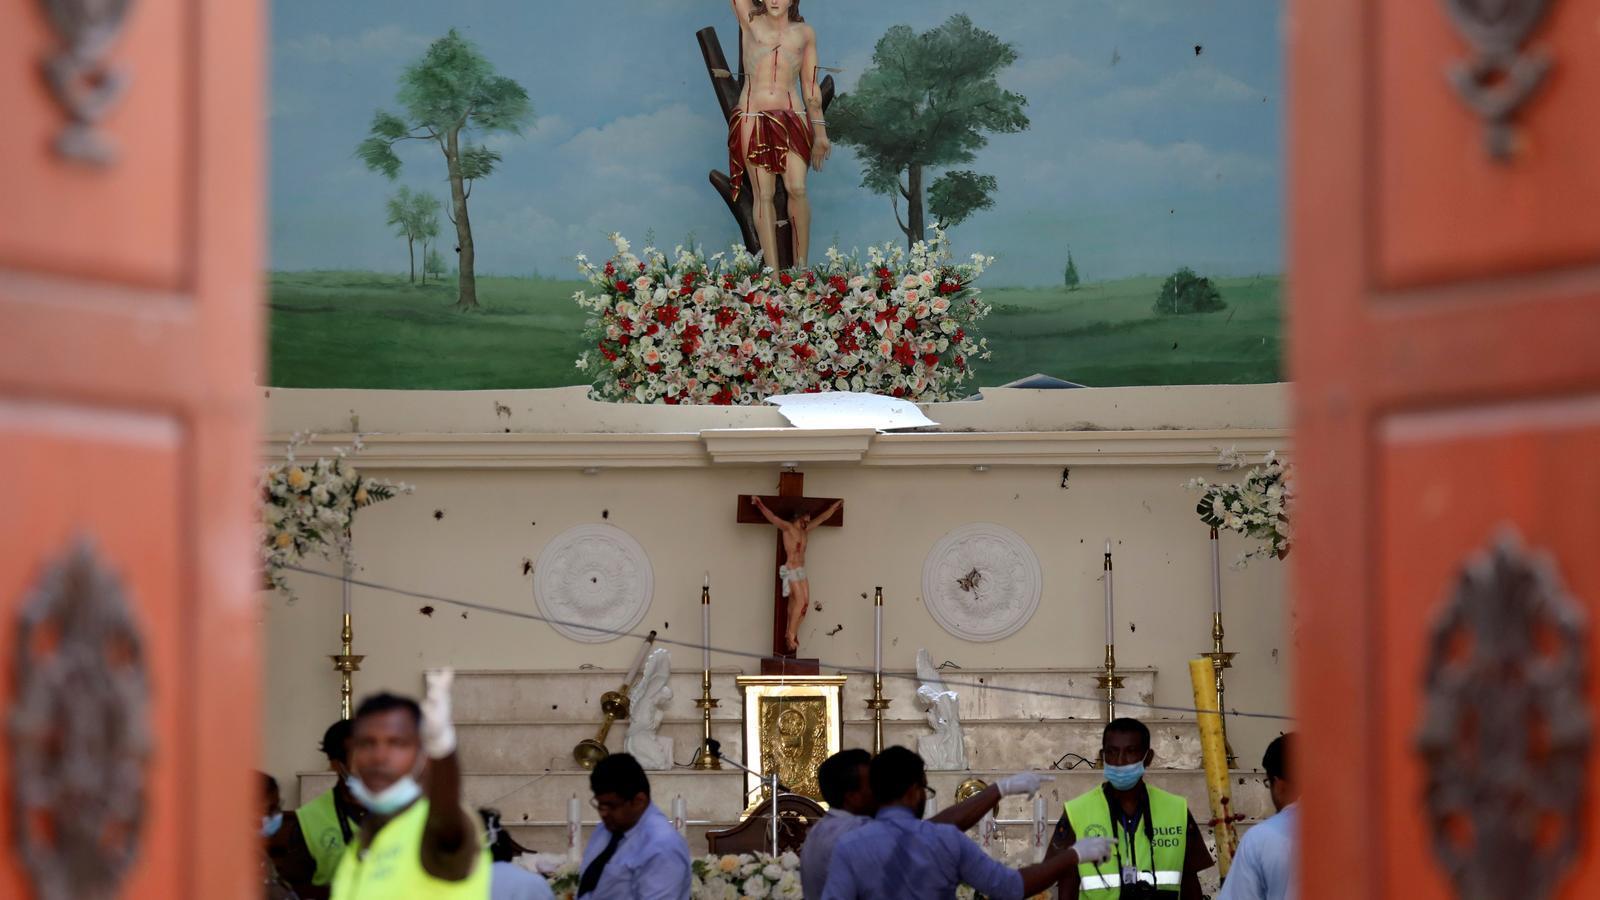 Què se'n sap dels atacs a Sri Lanka?